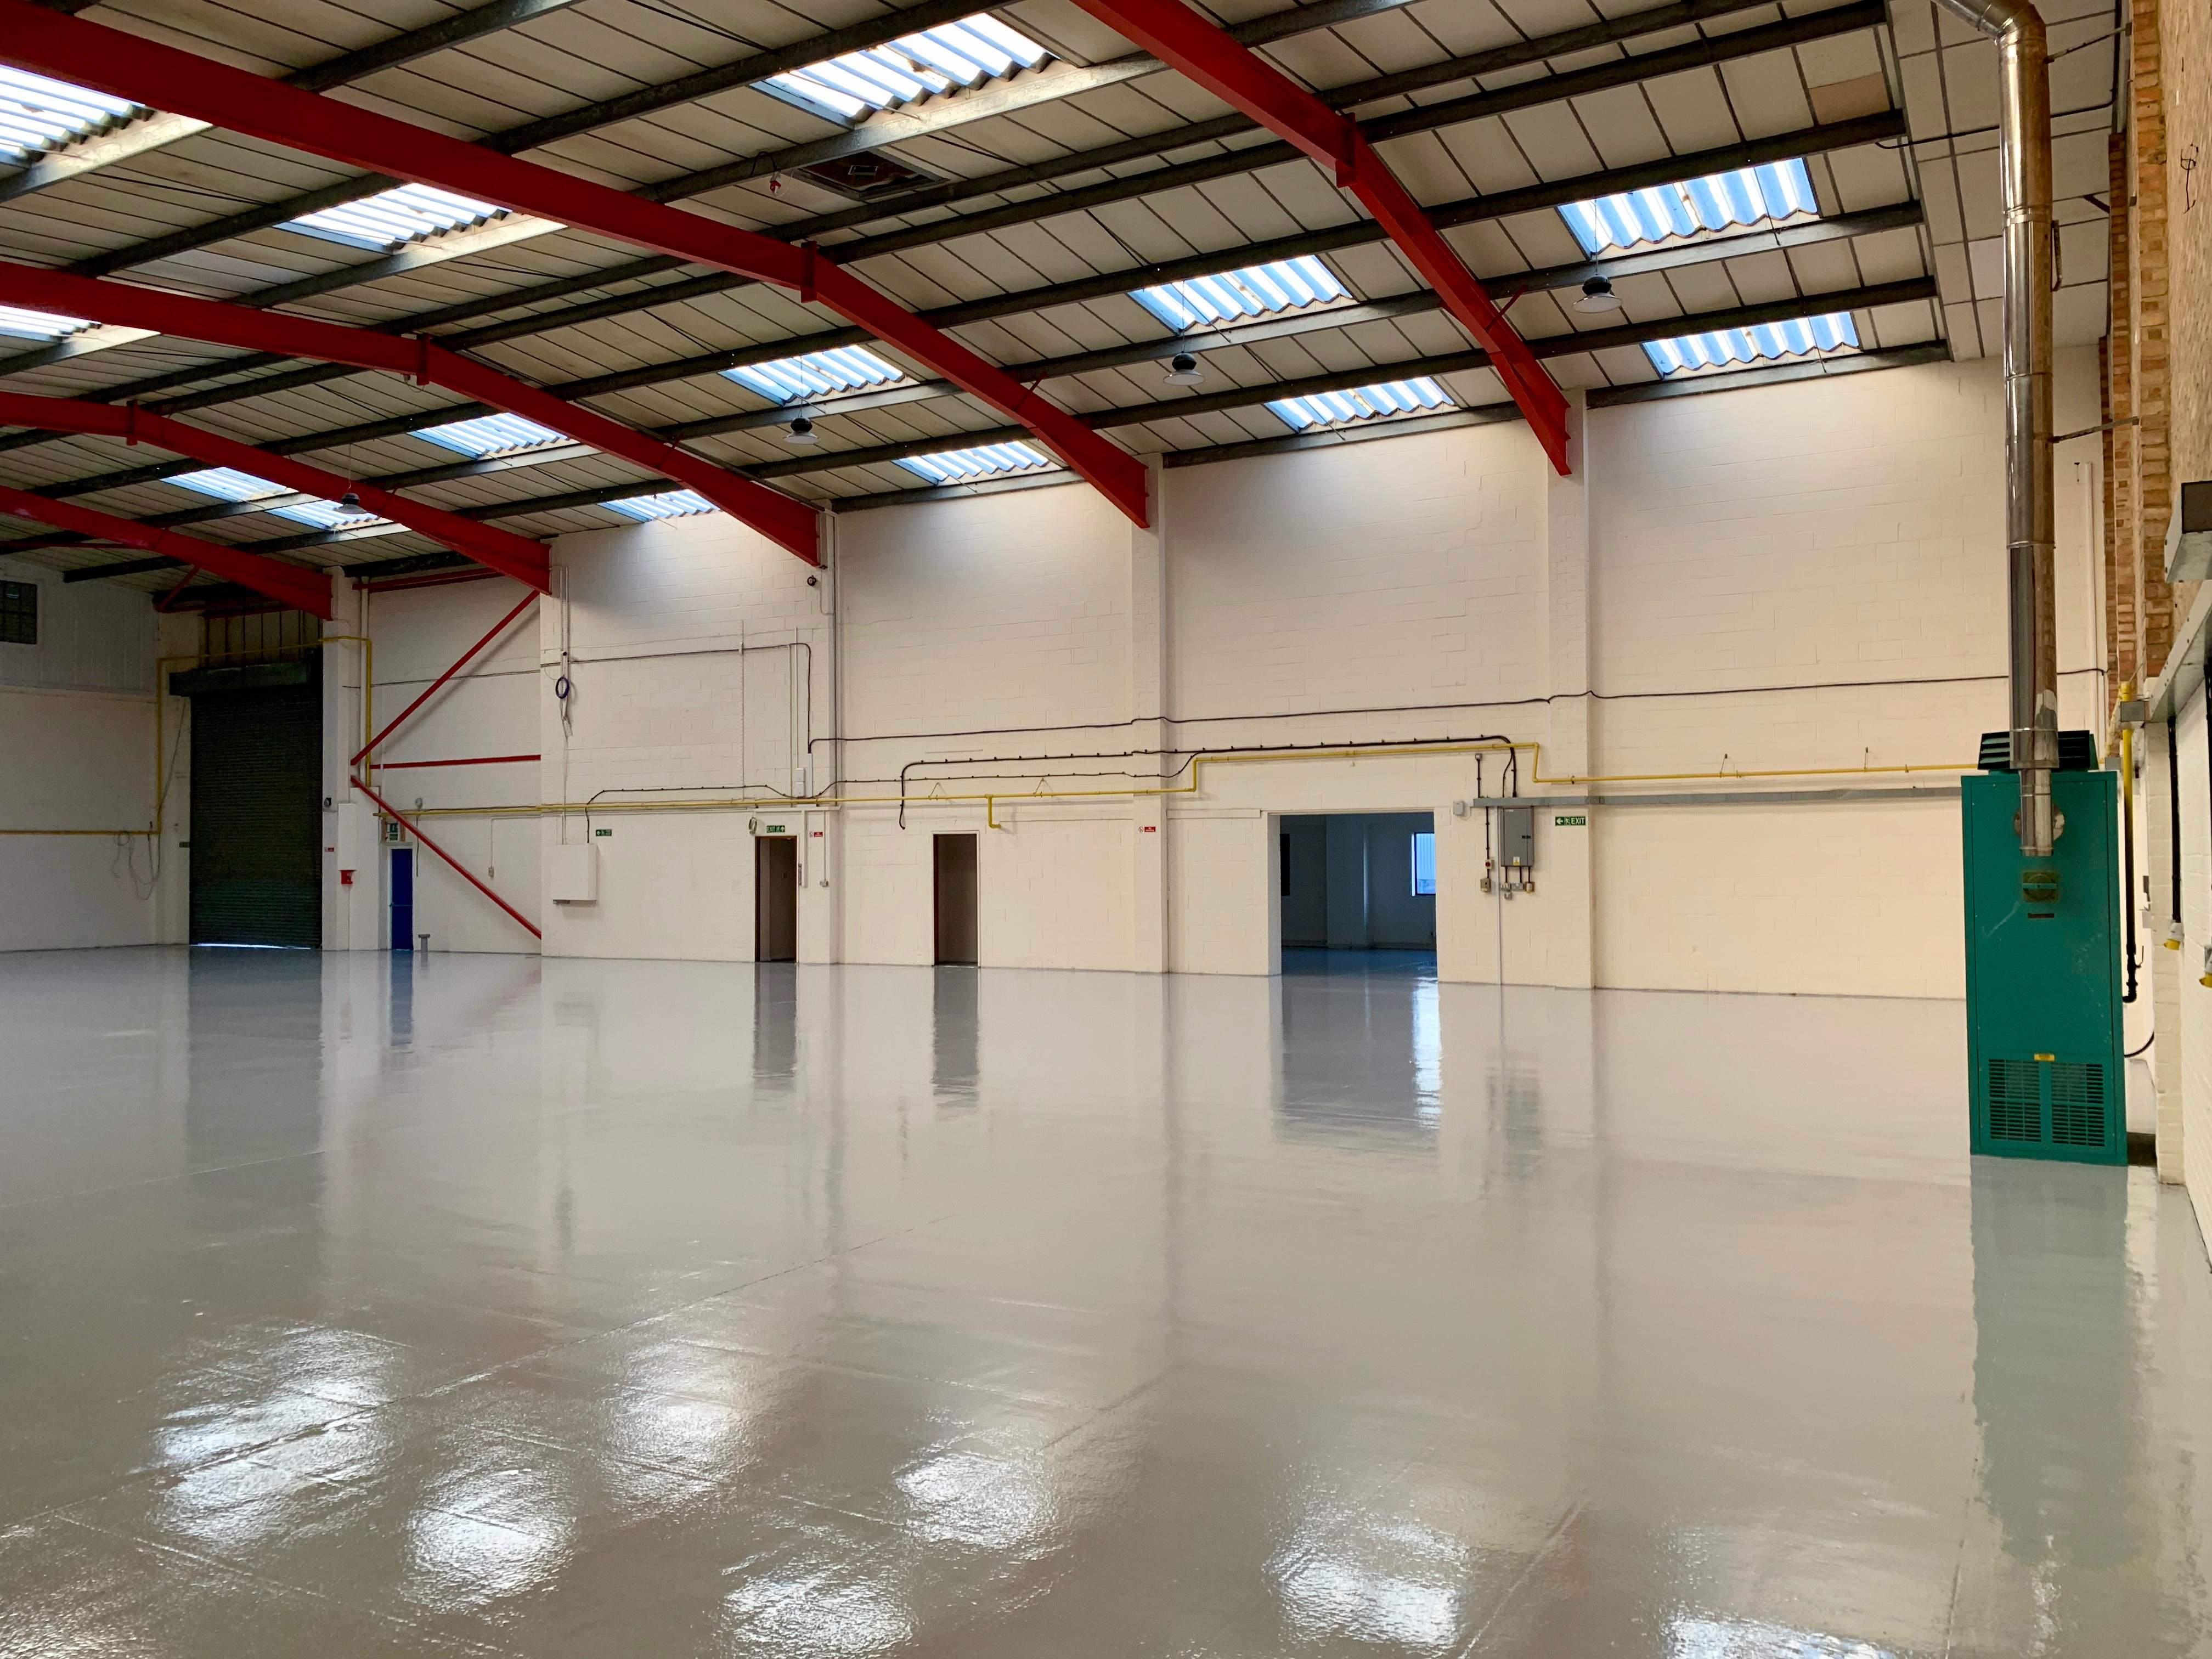 7 Dunhams Court Warehouse 1